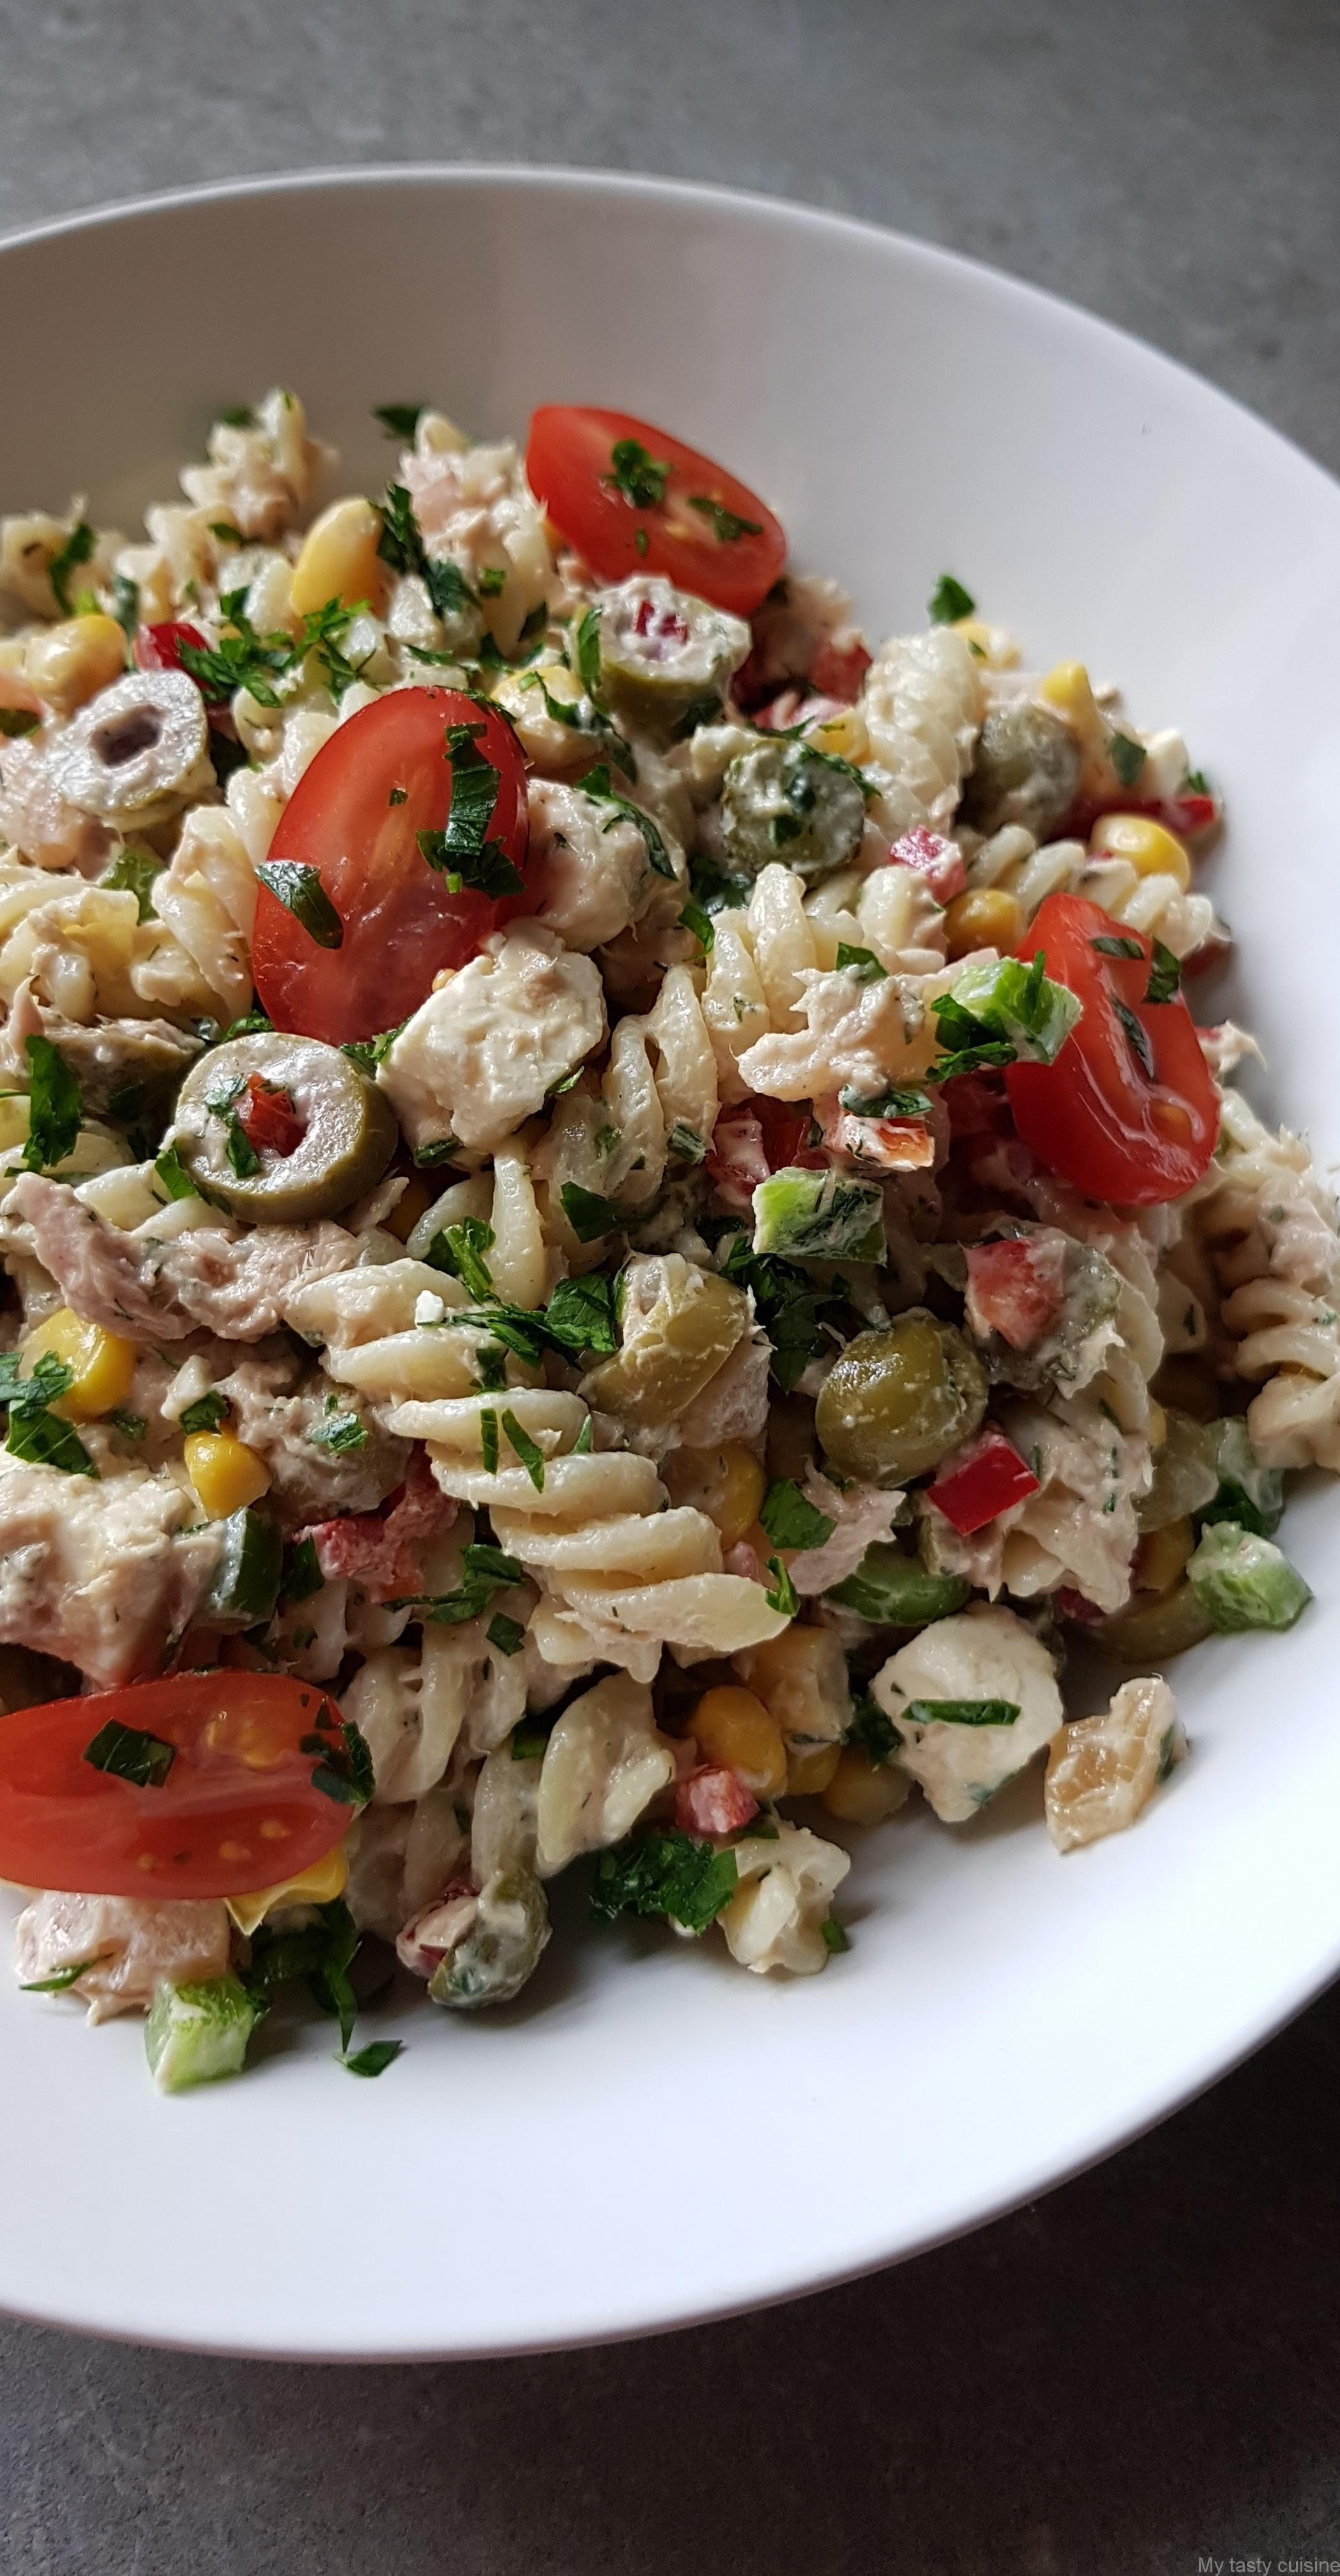 Salade de pâtes composée | Recette salade de pates, Recette salade, Salade de pâtes